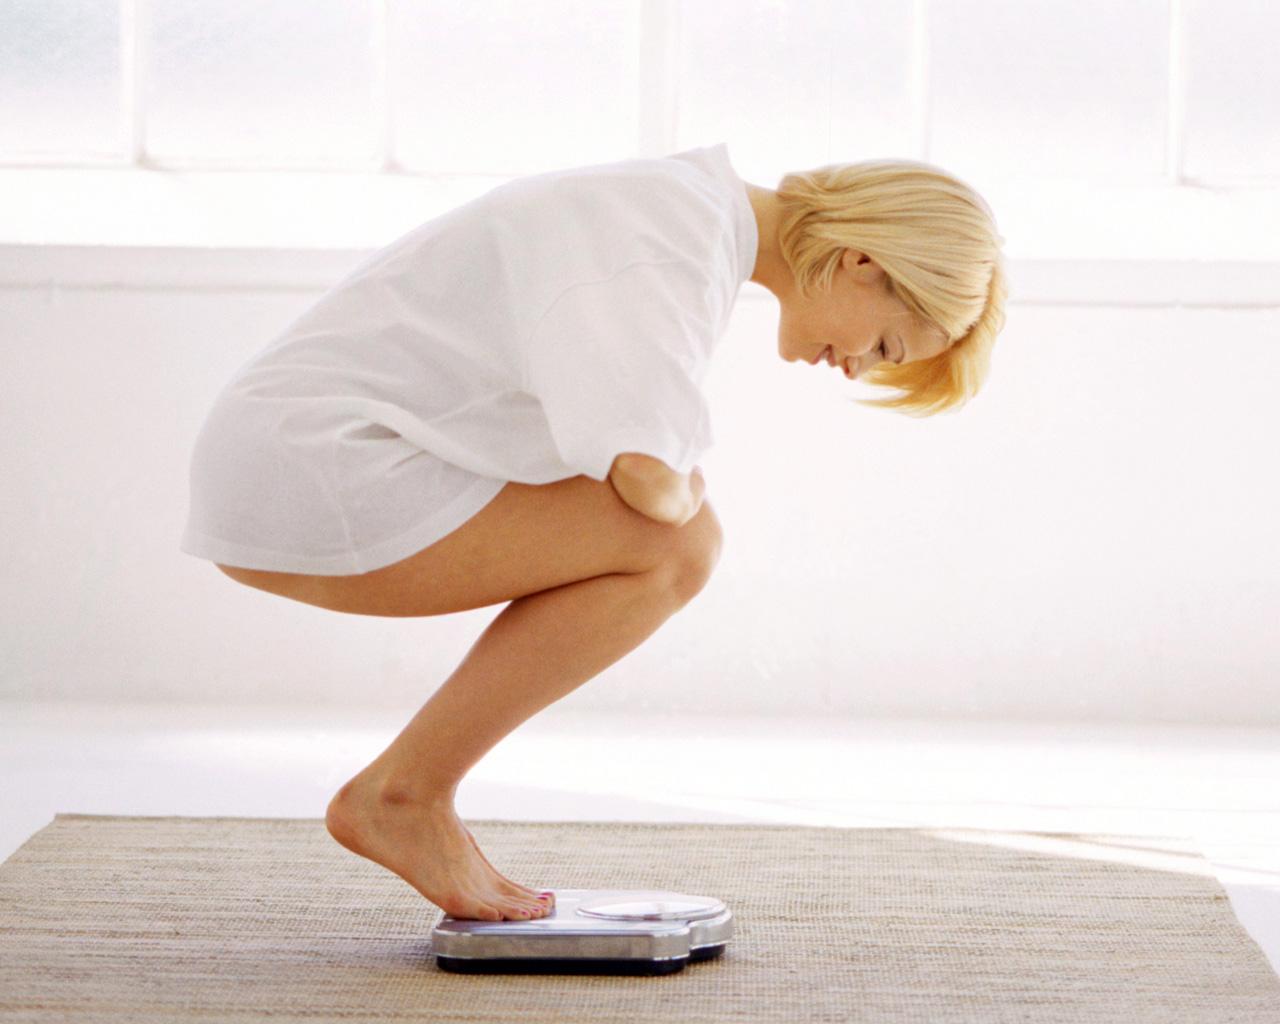 Разгрузочные дни для похудения от Елены Малышевой, отзывы и результат